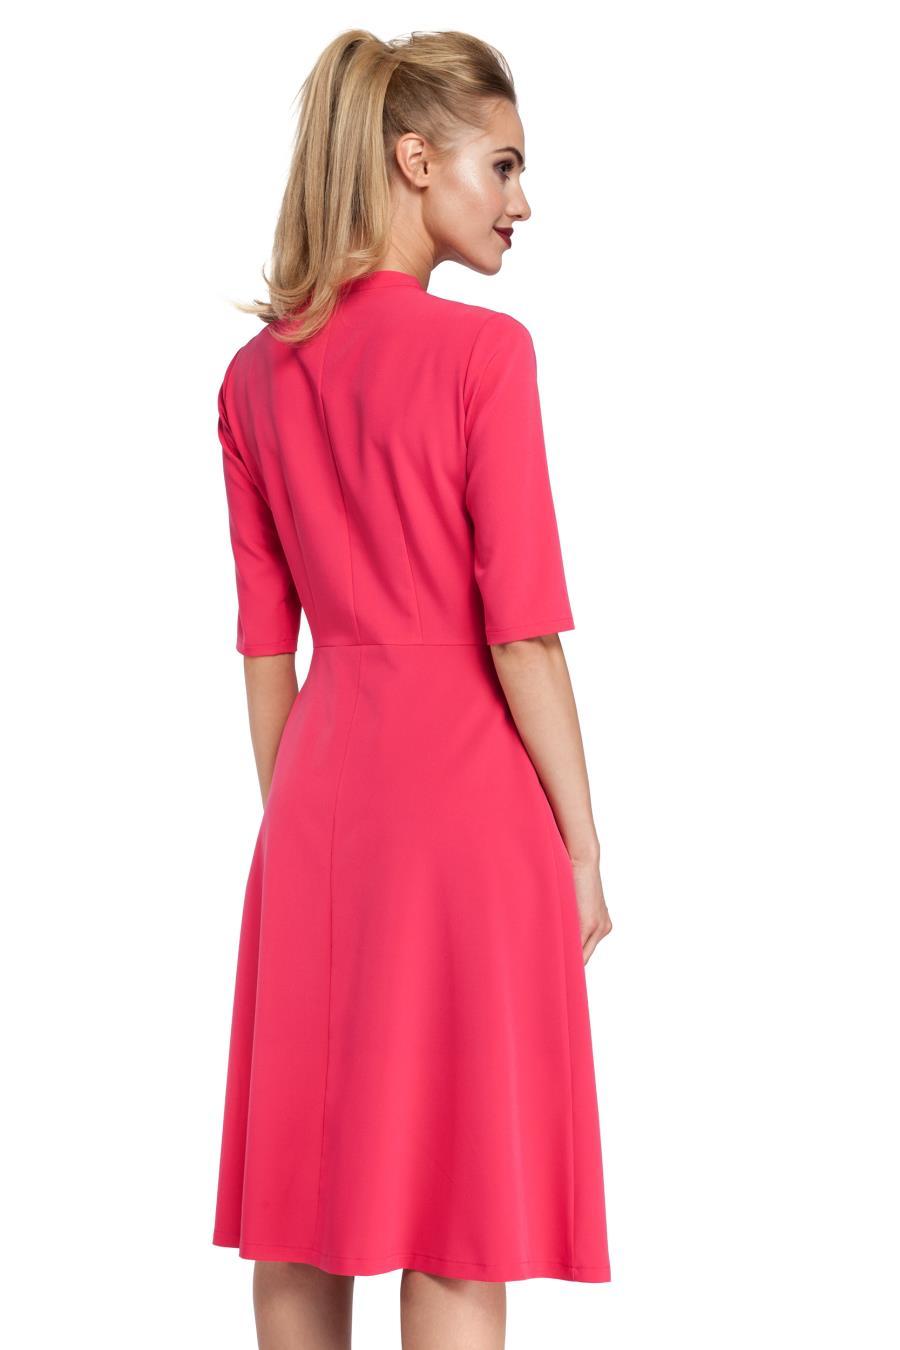 8724e4126d Dzienna Sukienka Midi Różowa MO298 BESIMA.pl